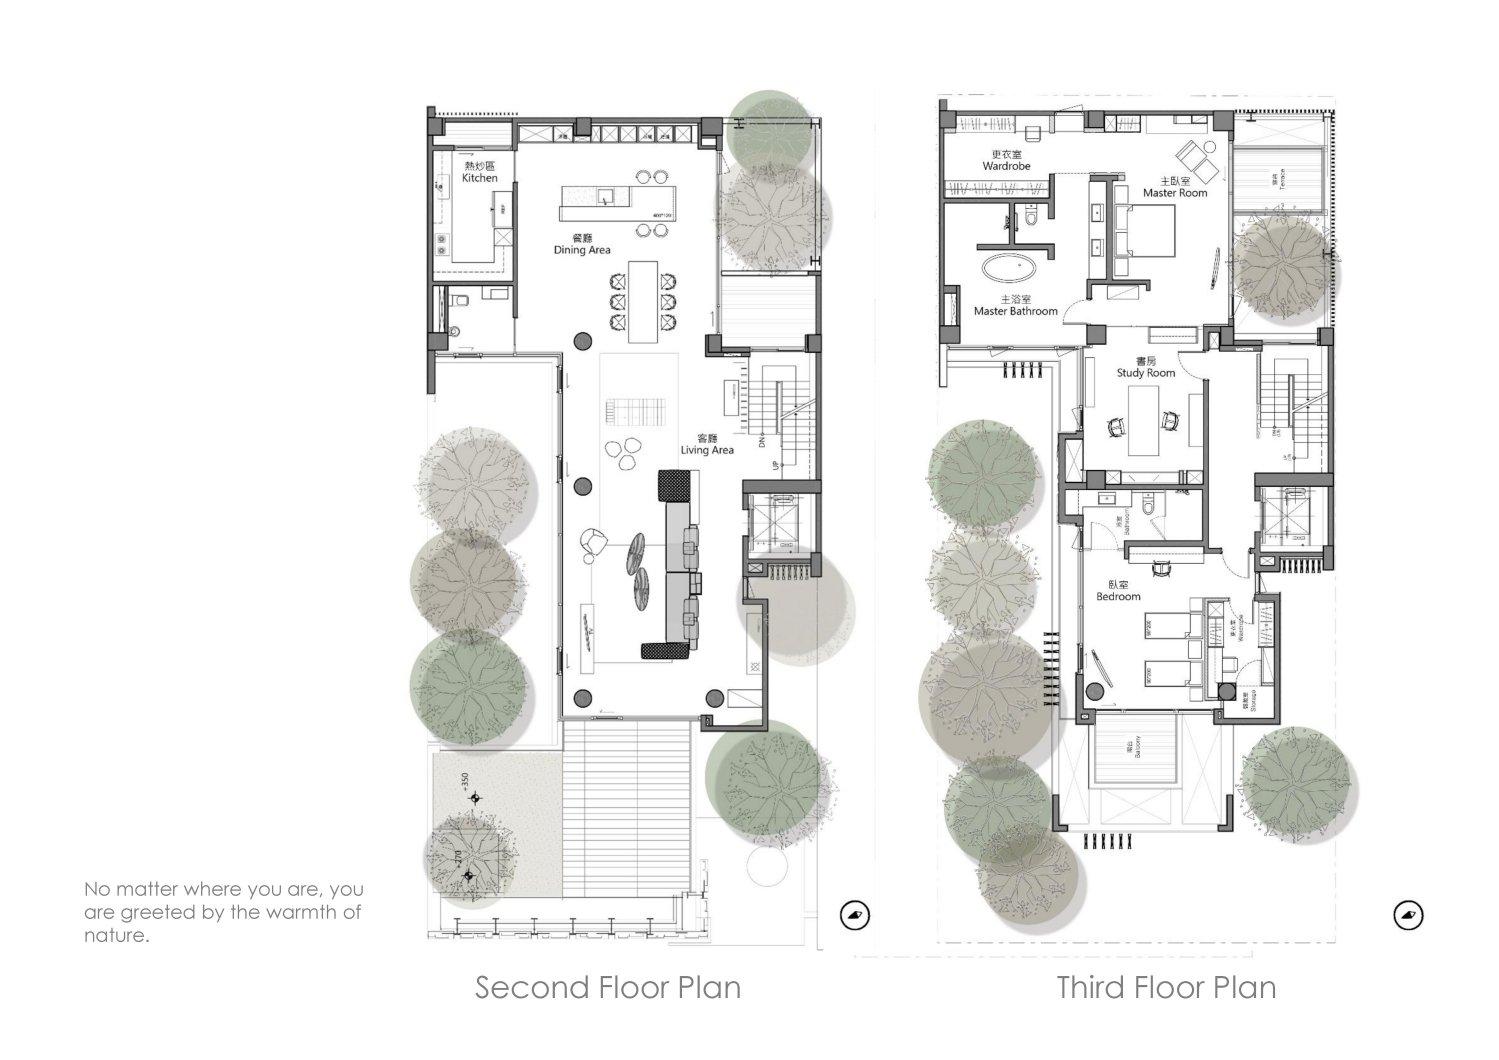 Floor Plans Chain10 Architecture & Interior Design Institute}